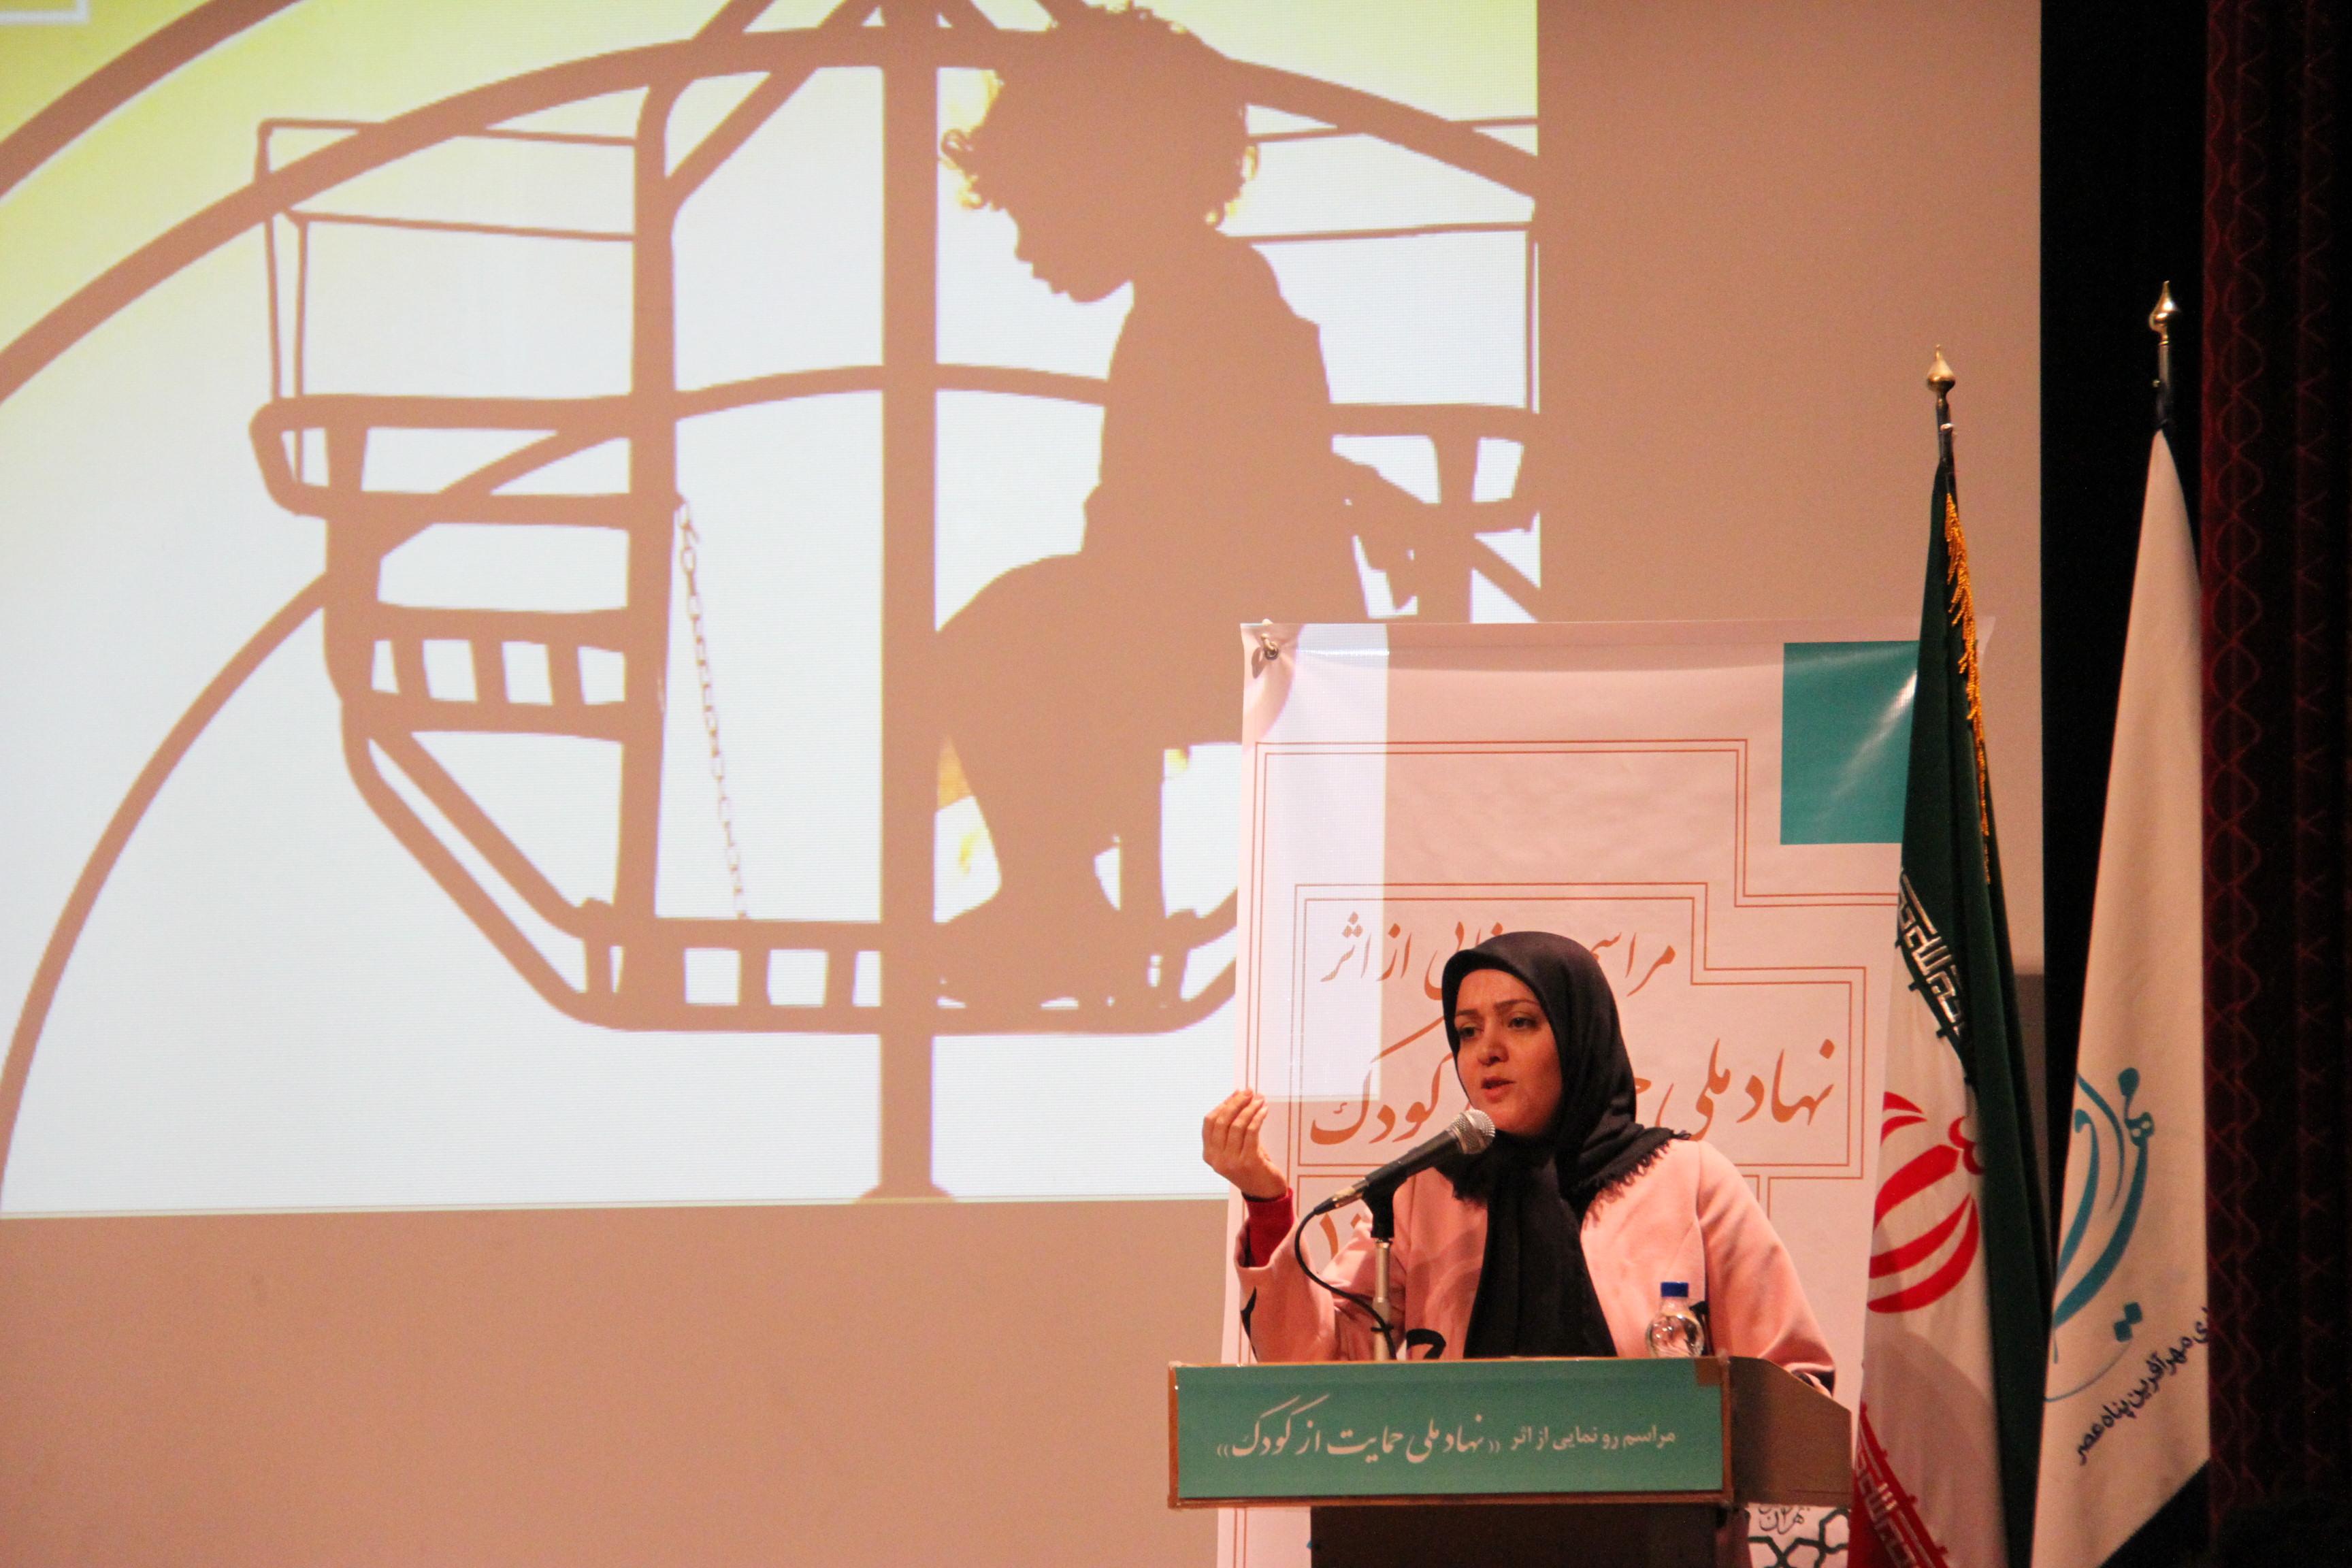 سند نهاد ملی حمایت از کودک رونمایی شد